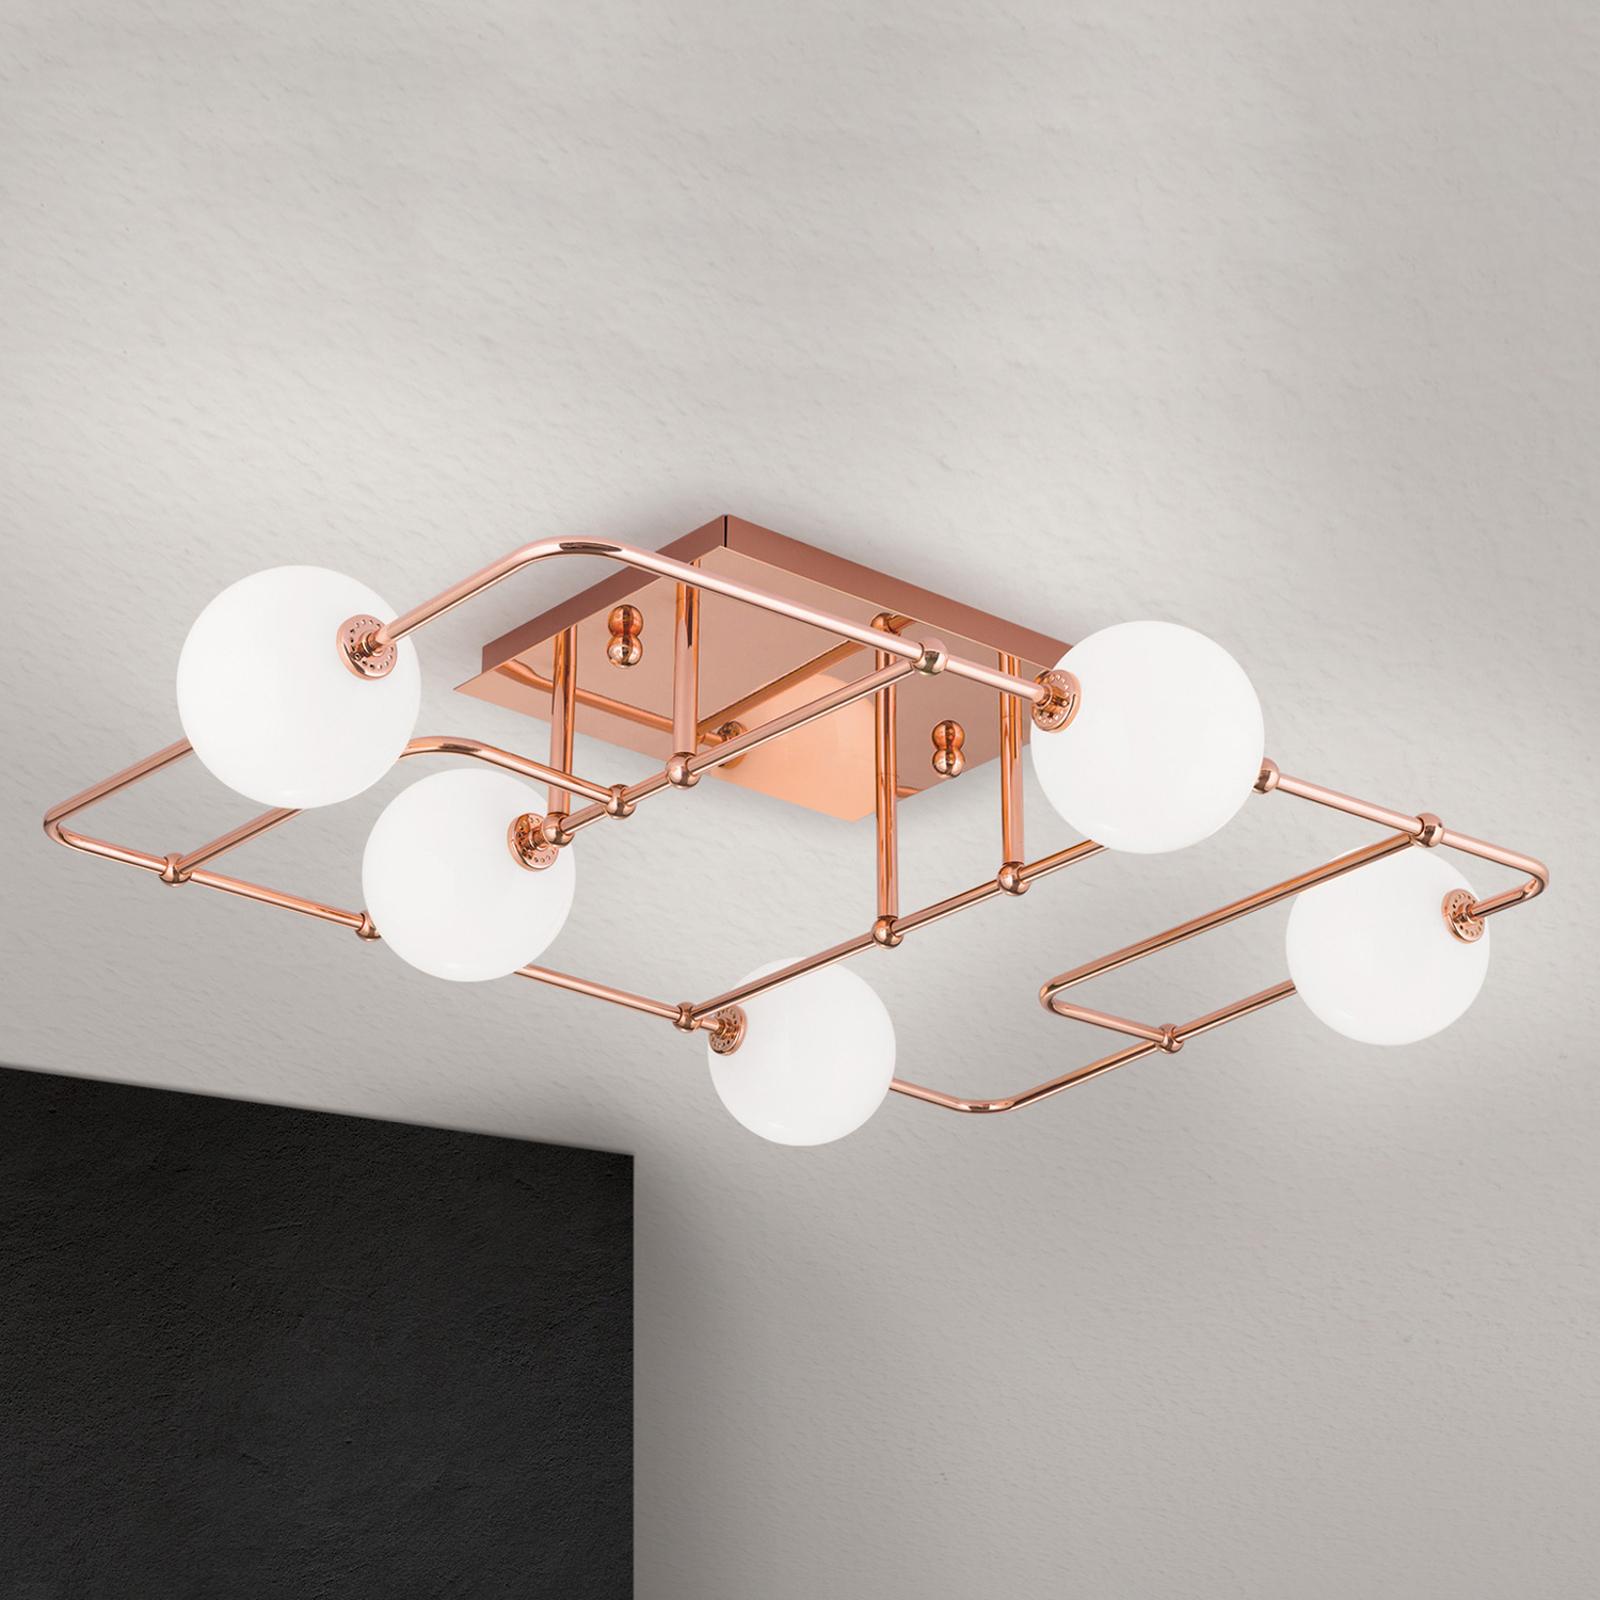 Pipes-LED-kattovalaisin, pyöreät lasivarjostimet